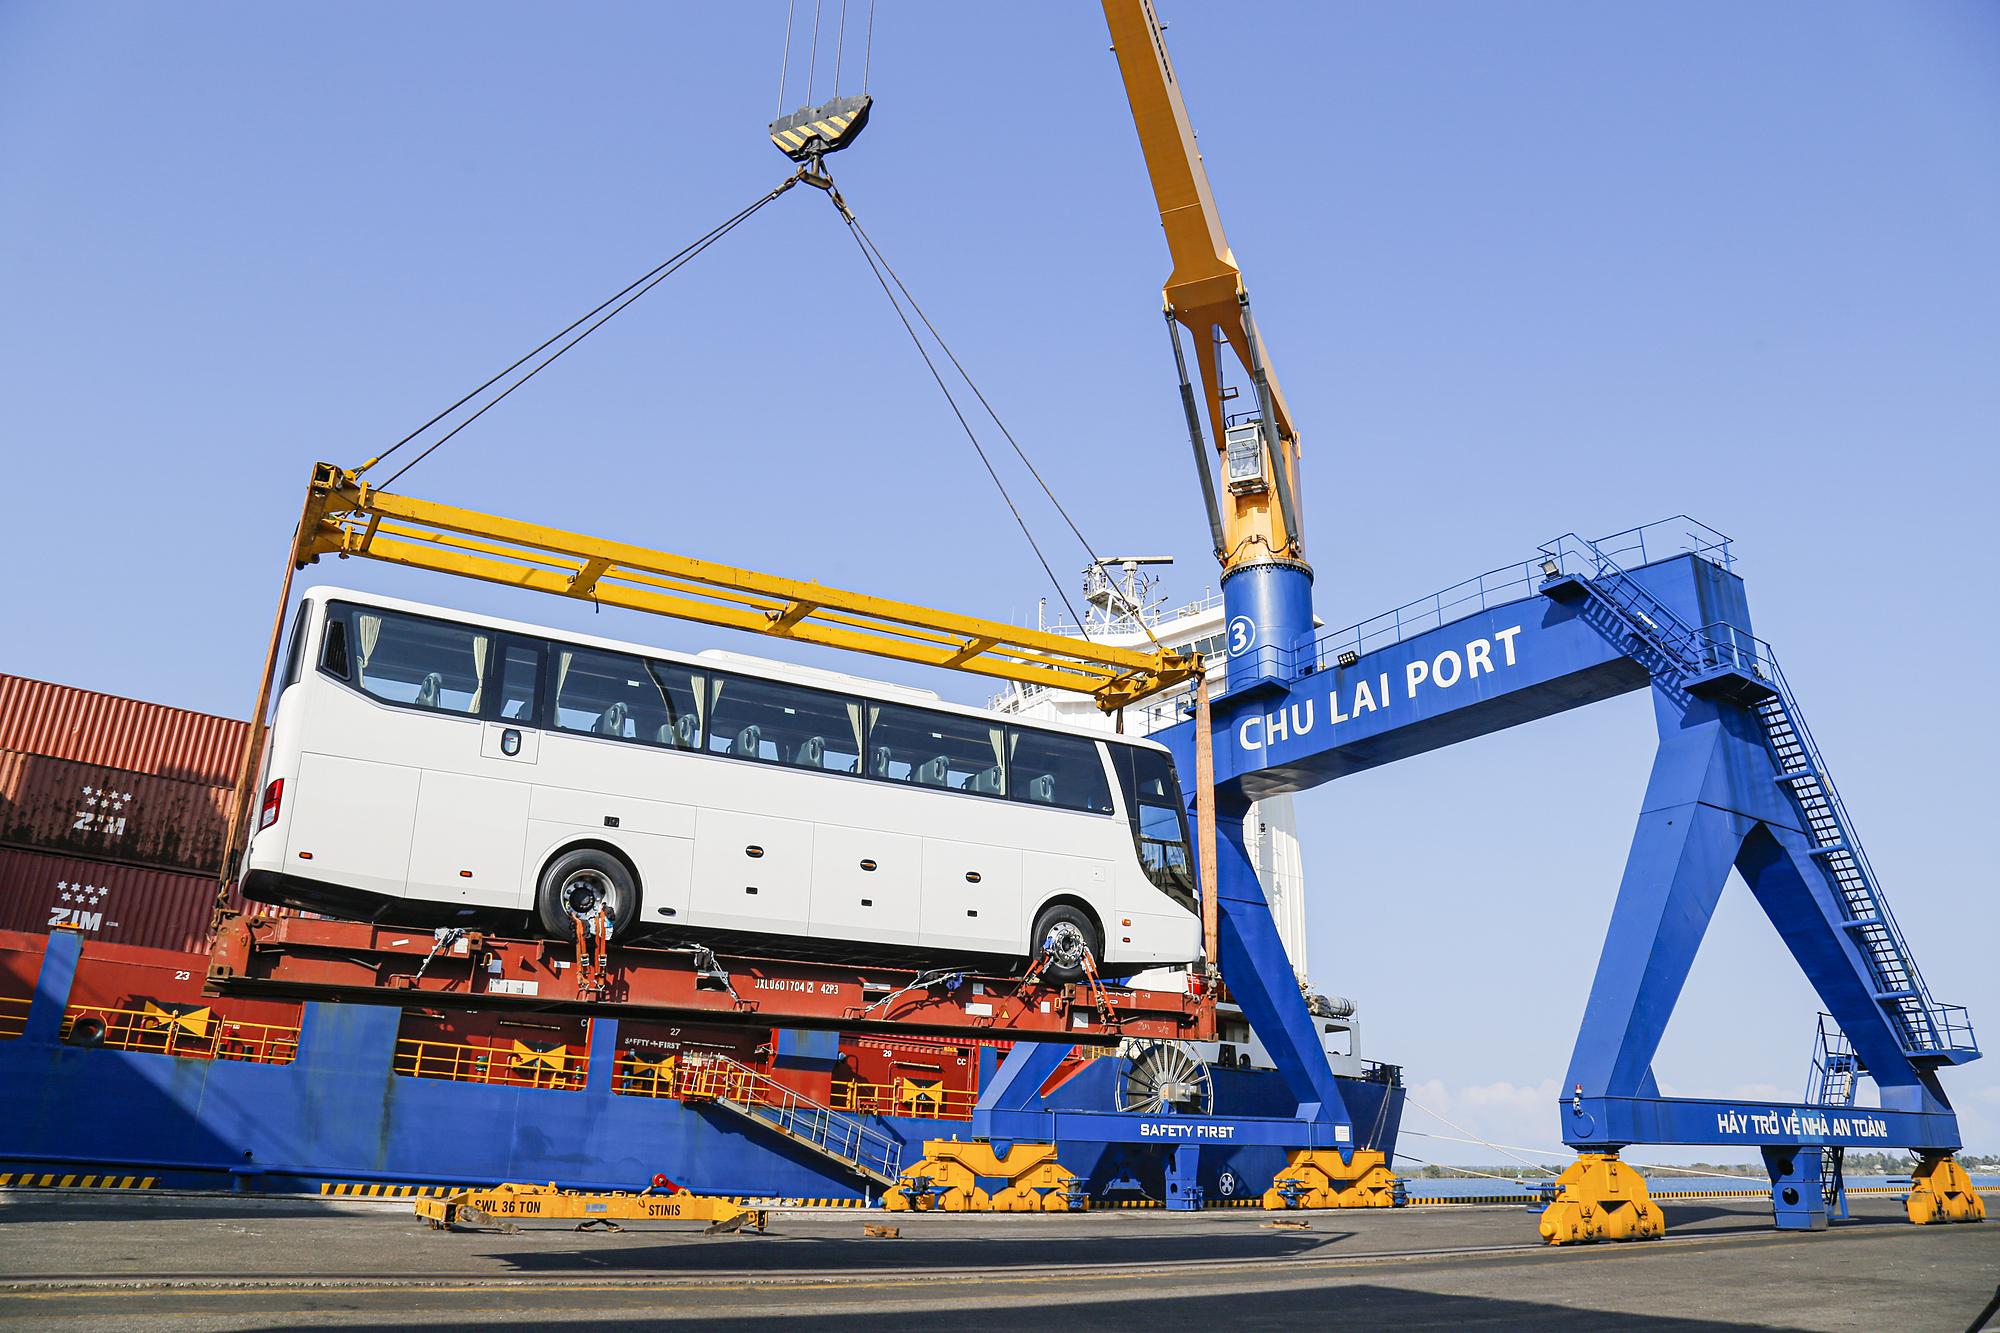 Xe buýt Thaco chuẩn bị xuất khẩu sang Thái Lan.